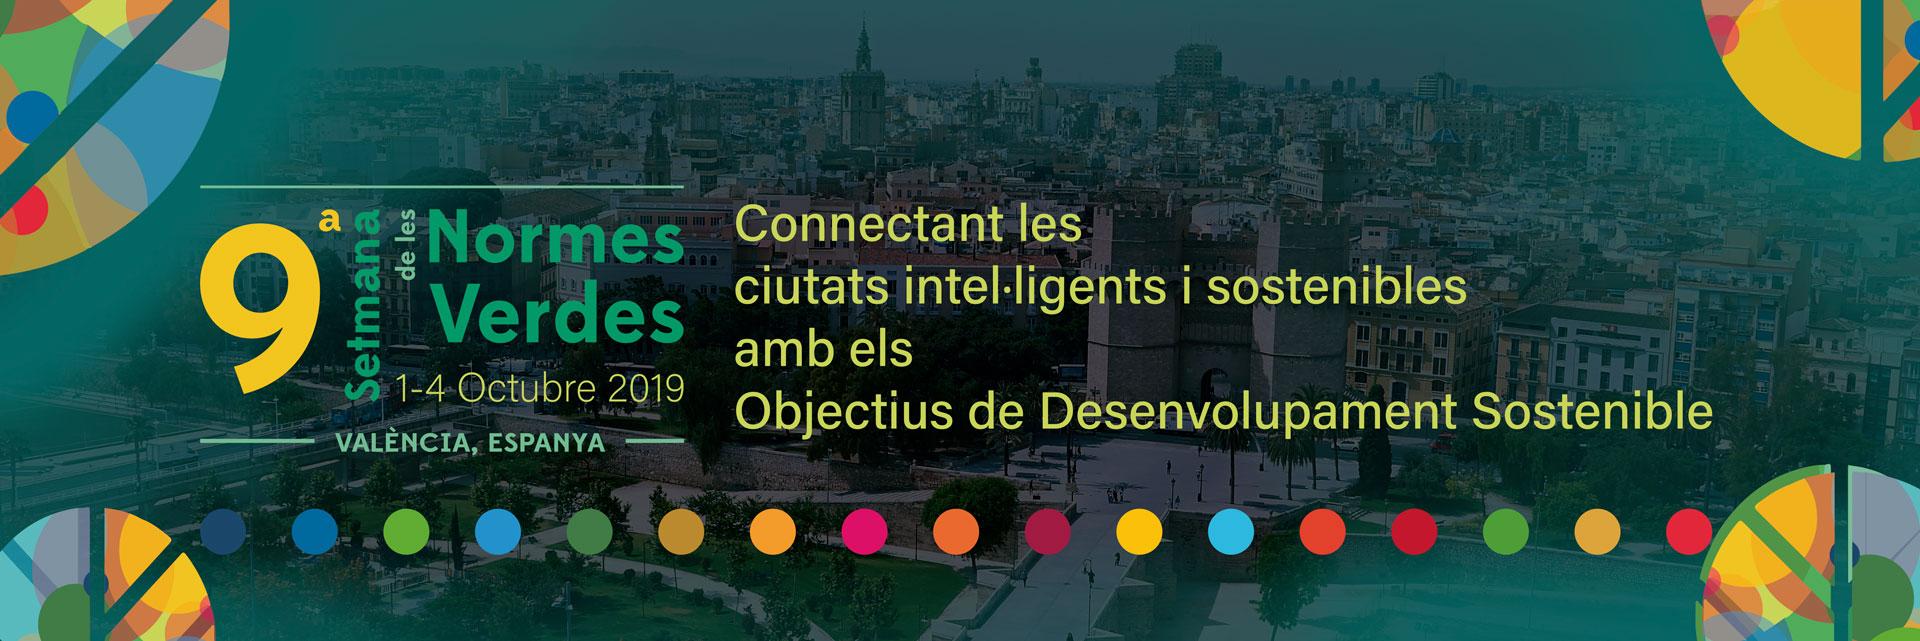 9ª Setmana de les Normes Verdes - Connectant les ciutats amb els Objectius de Desenvolupament Sostenible